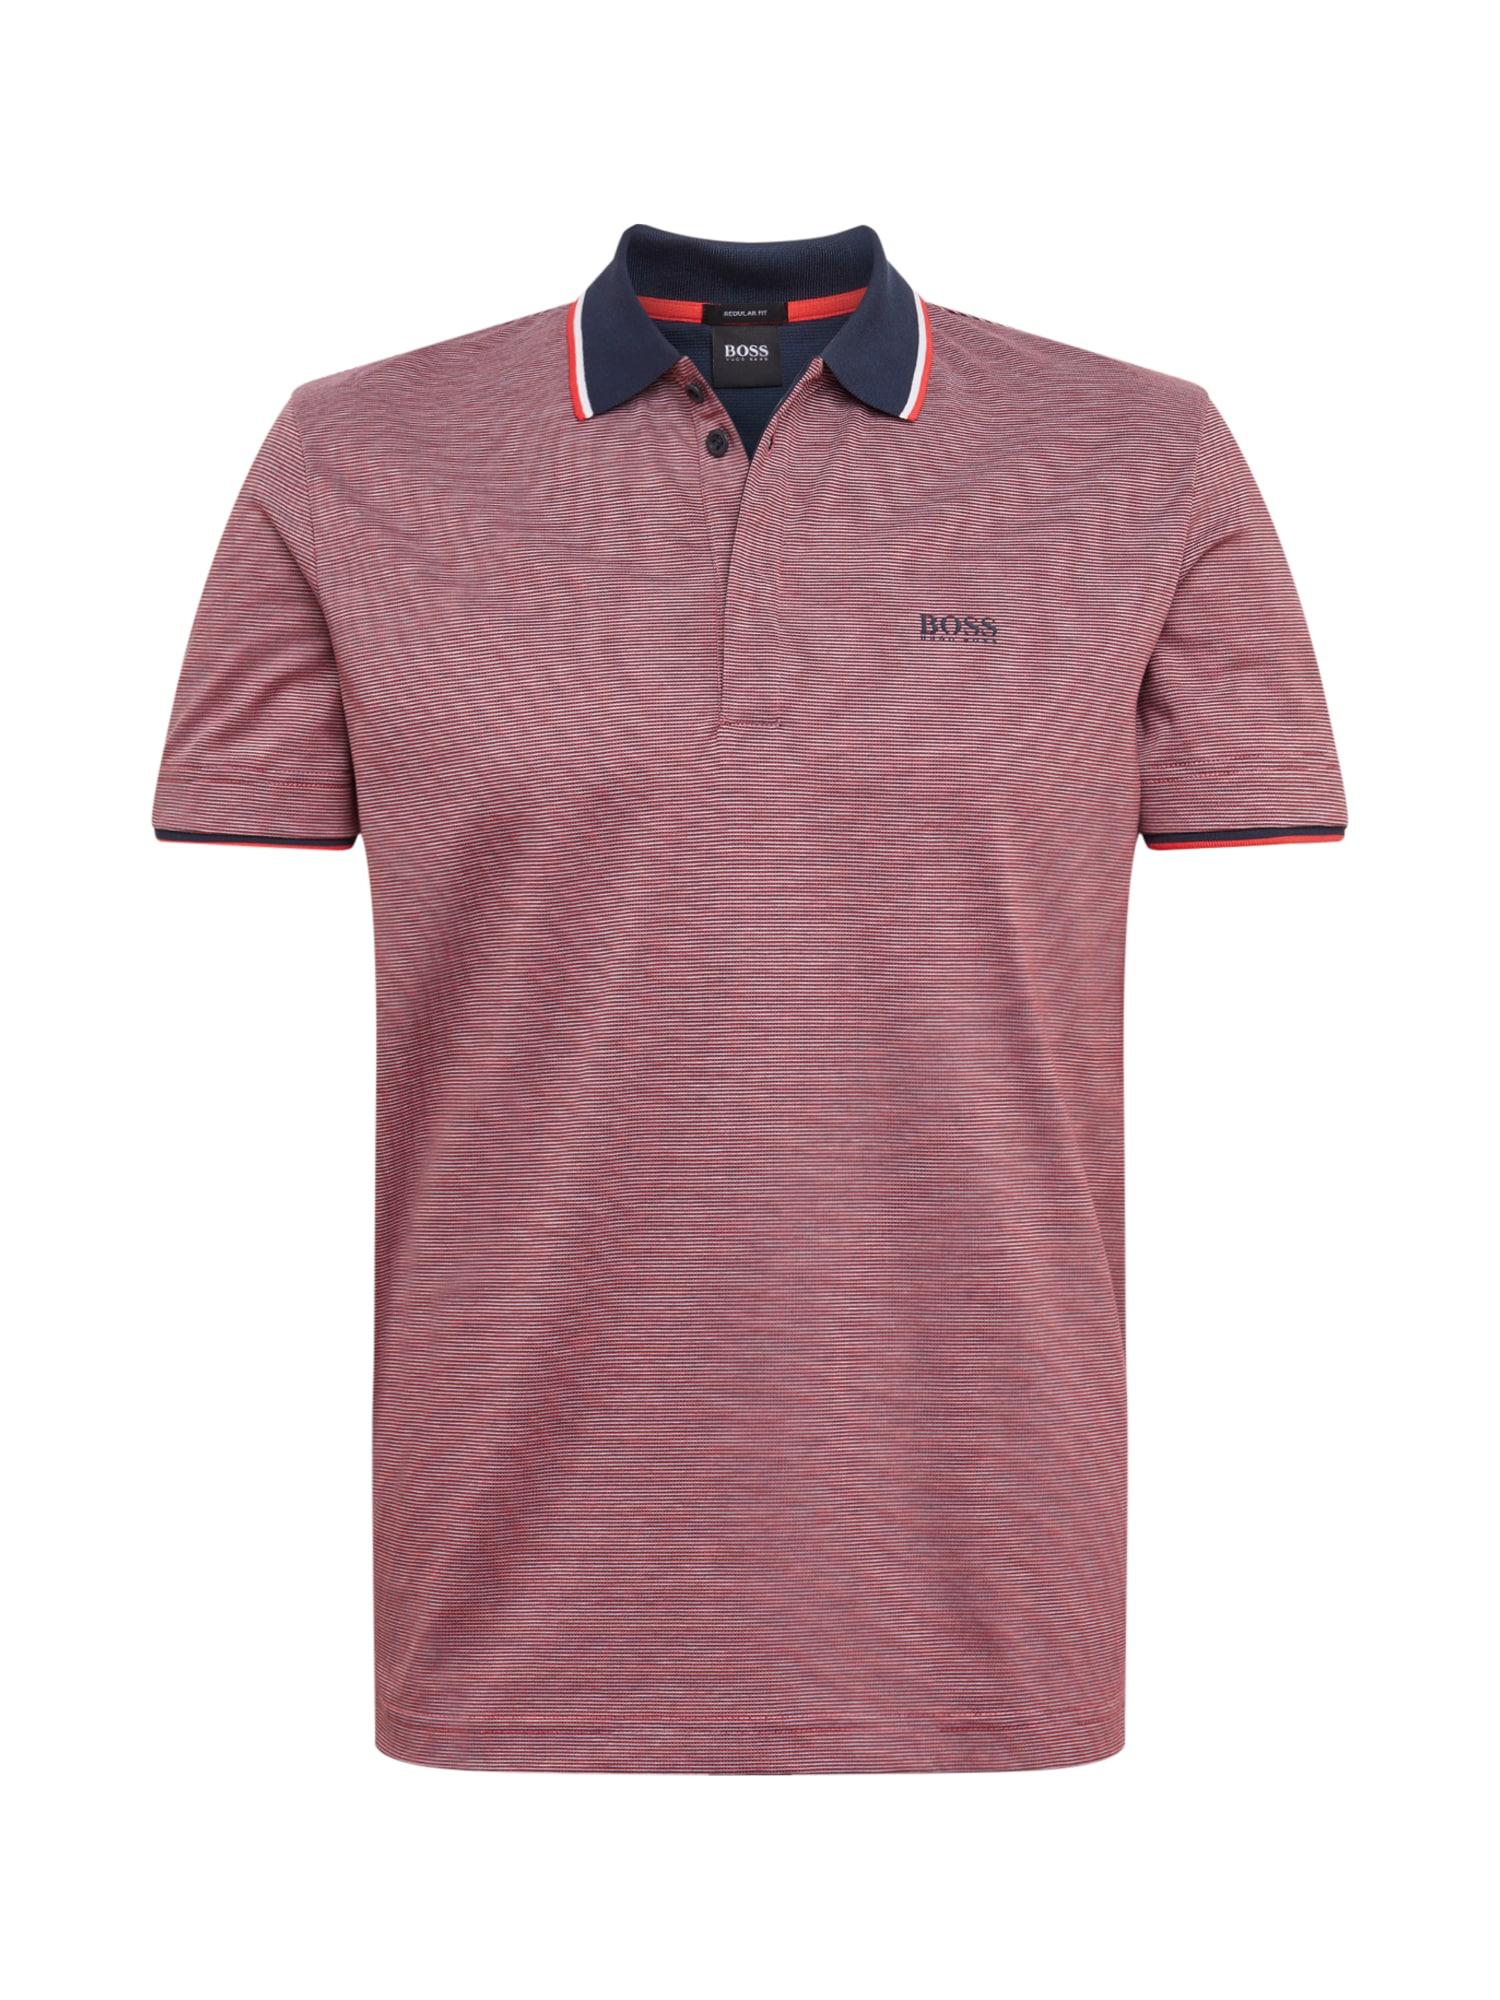 BOSS ATHLEISURE Marškinėliai 'Paddy 2' raudona